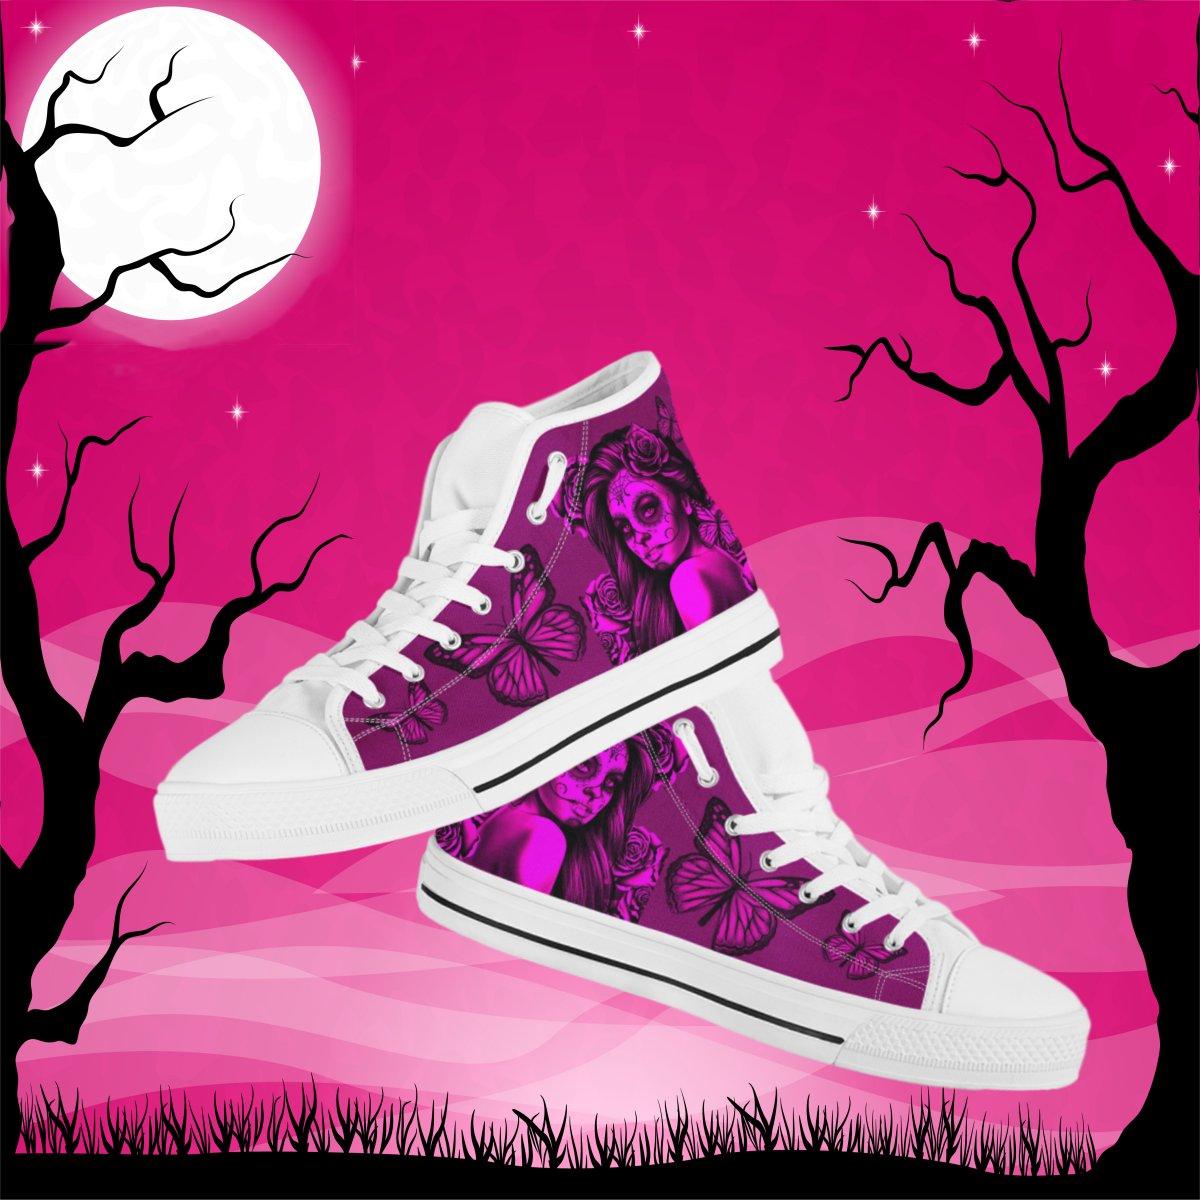 6b1cf6f9d9b9a1 Calavera Women s High Top Canvas Shoes - Dia De Los Muertos (Day Of ...